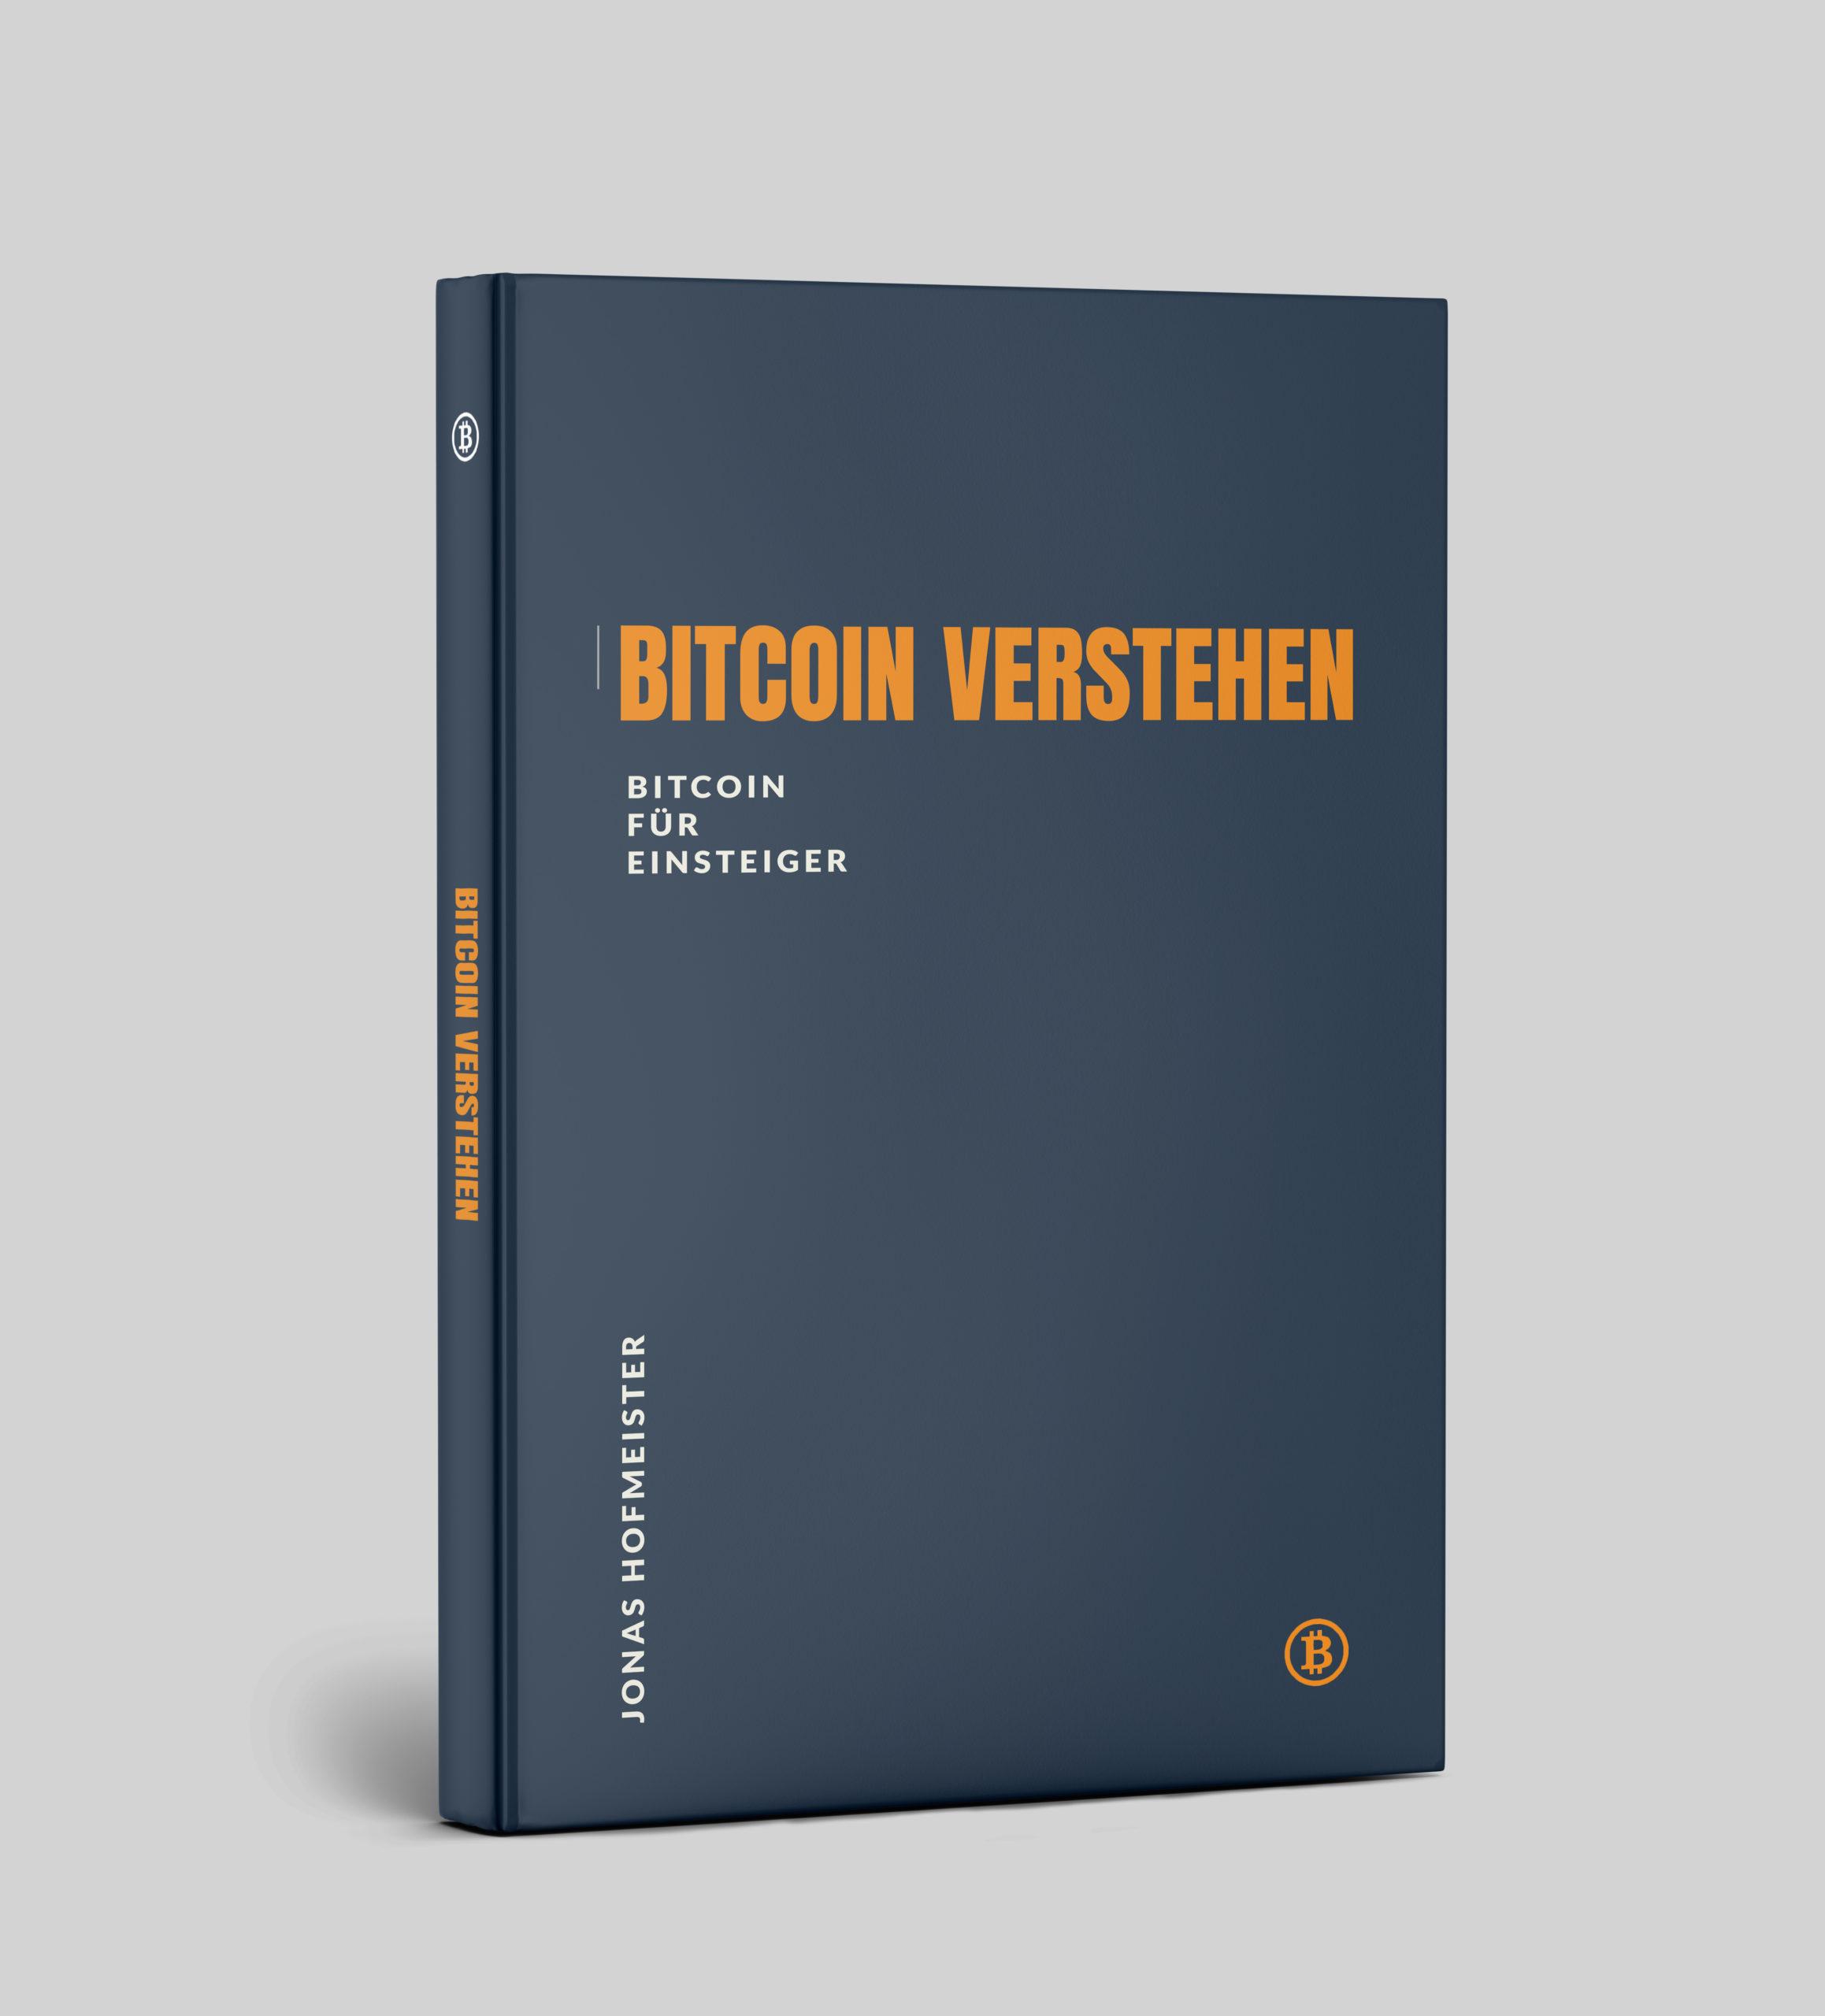 Bitcoin verstehen Buch Einsteiger deutsch